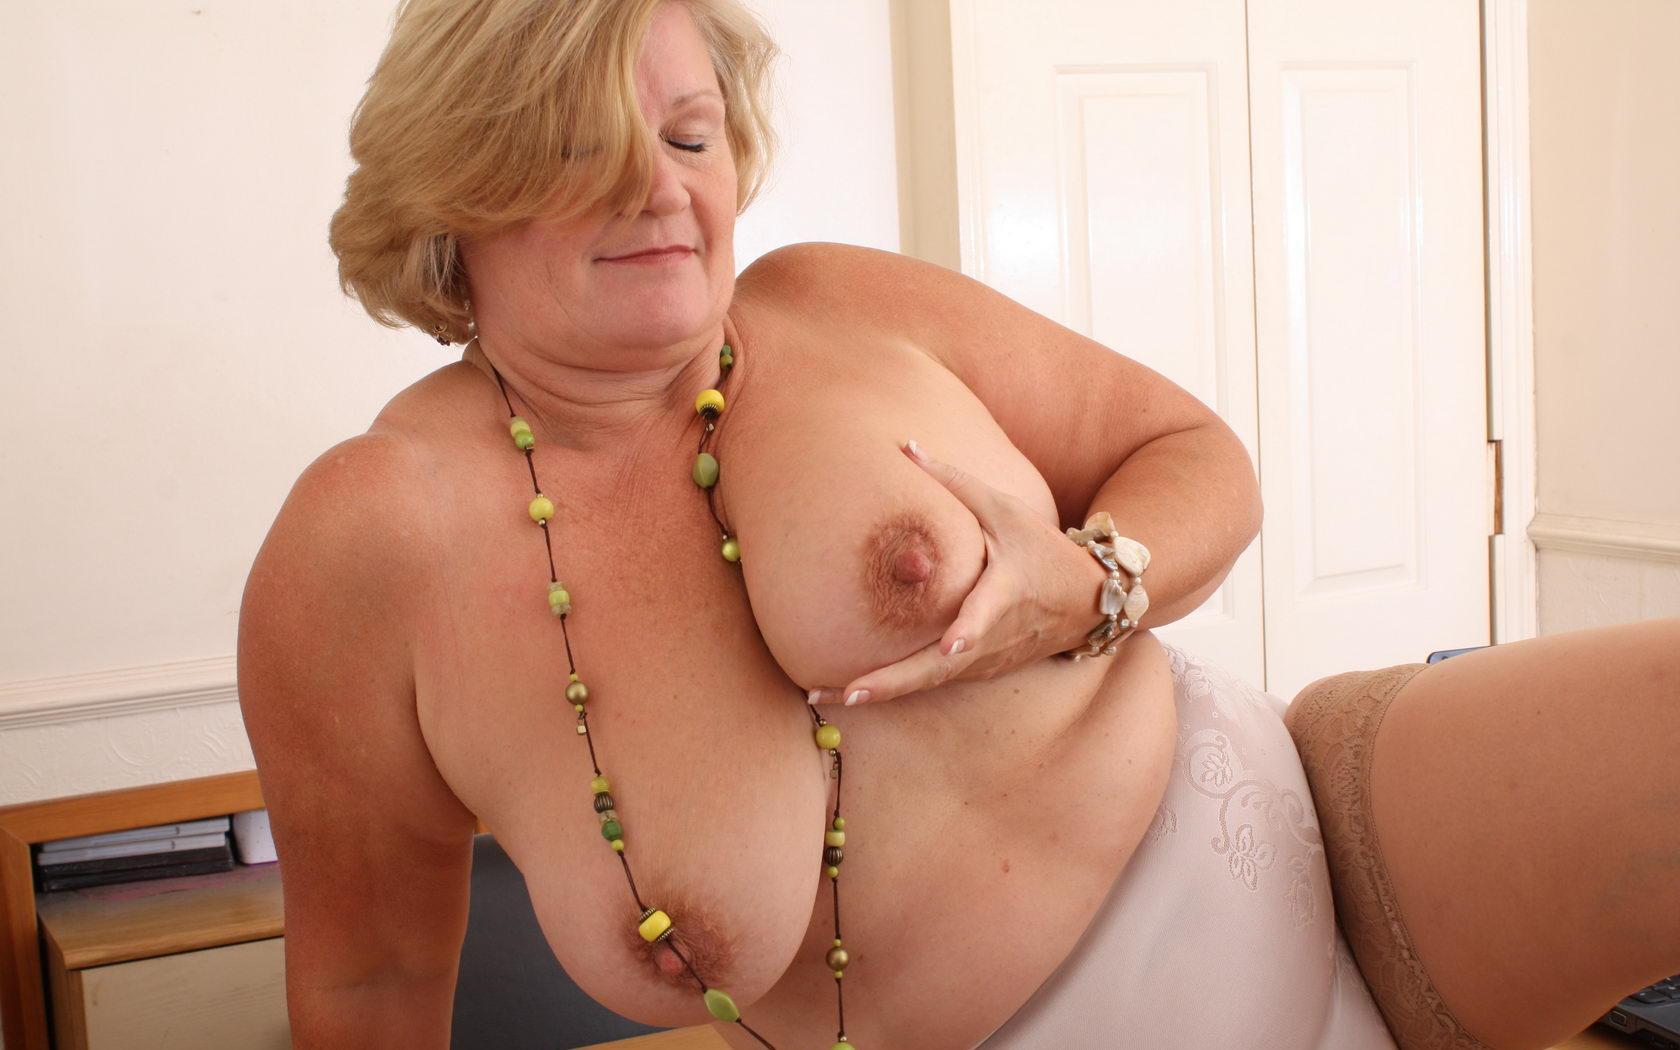 Tia a wet granny a seriously horny bbw grandmom